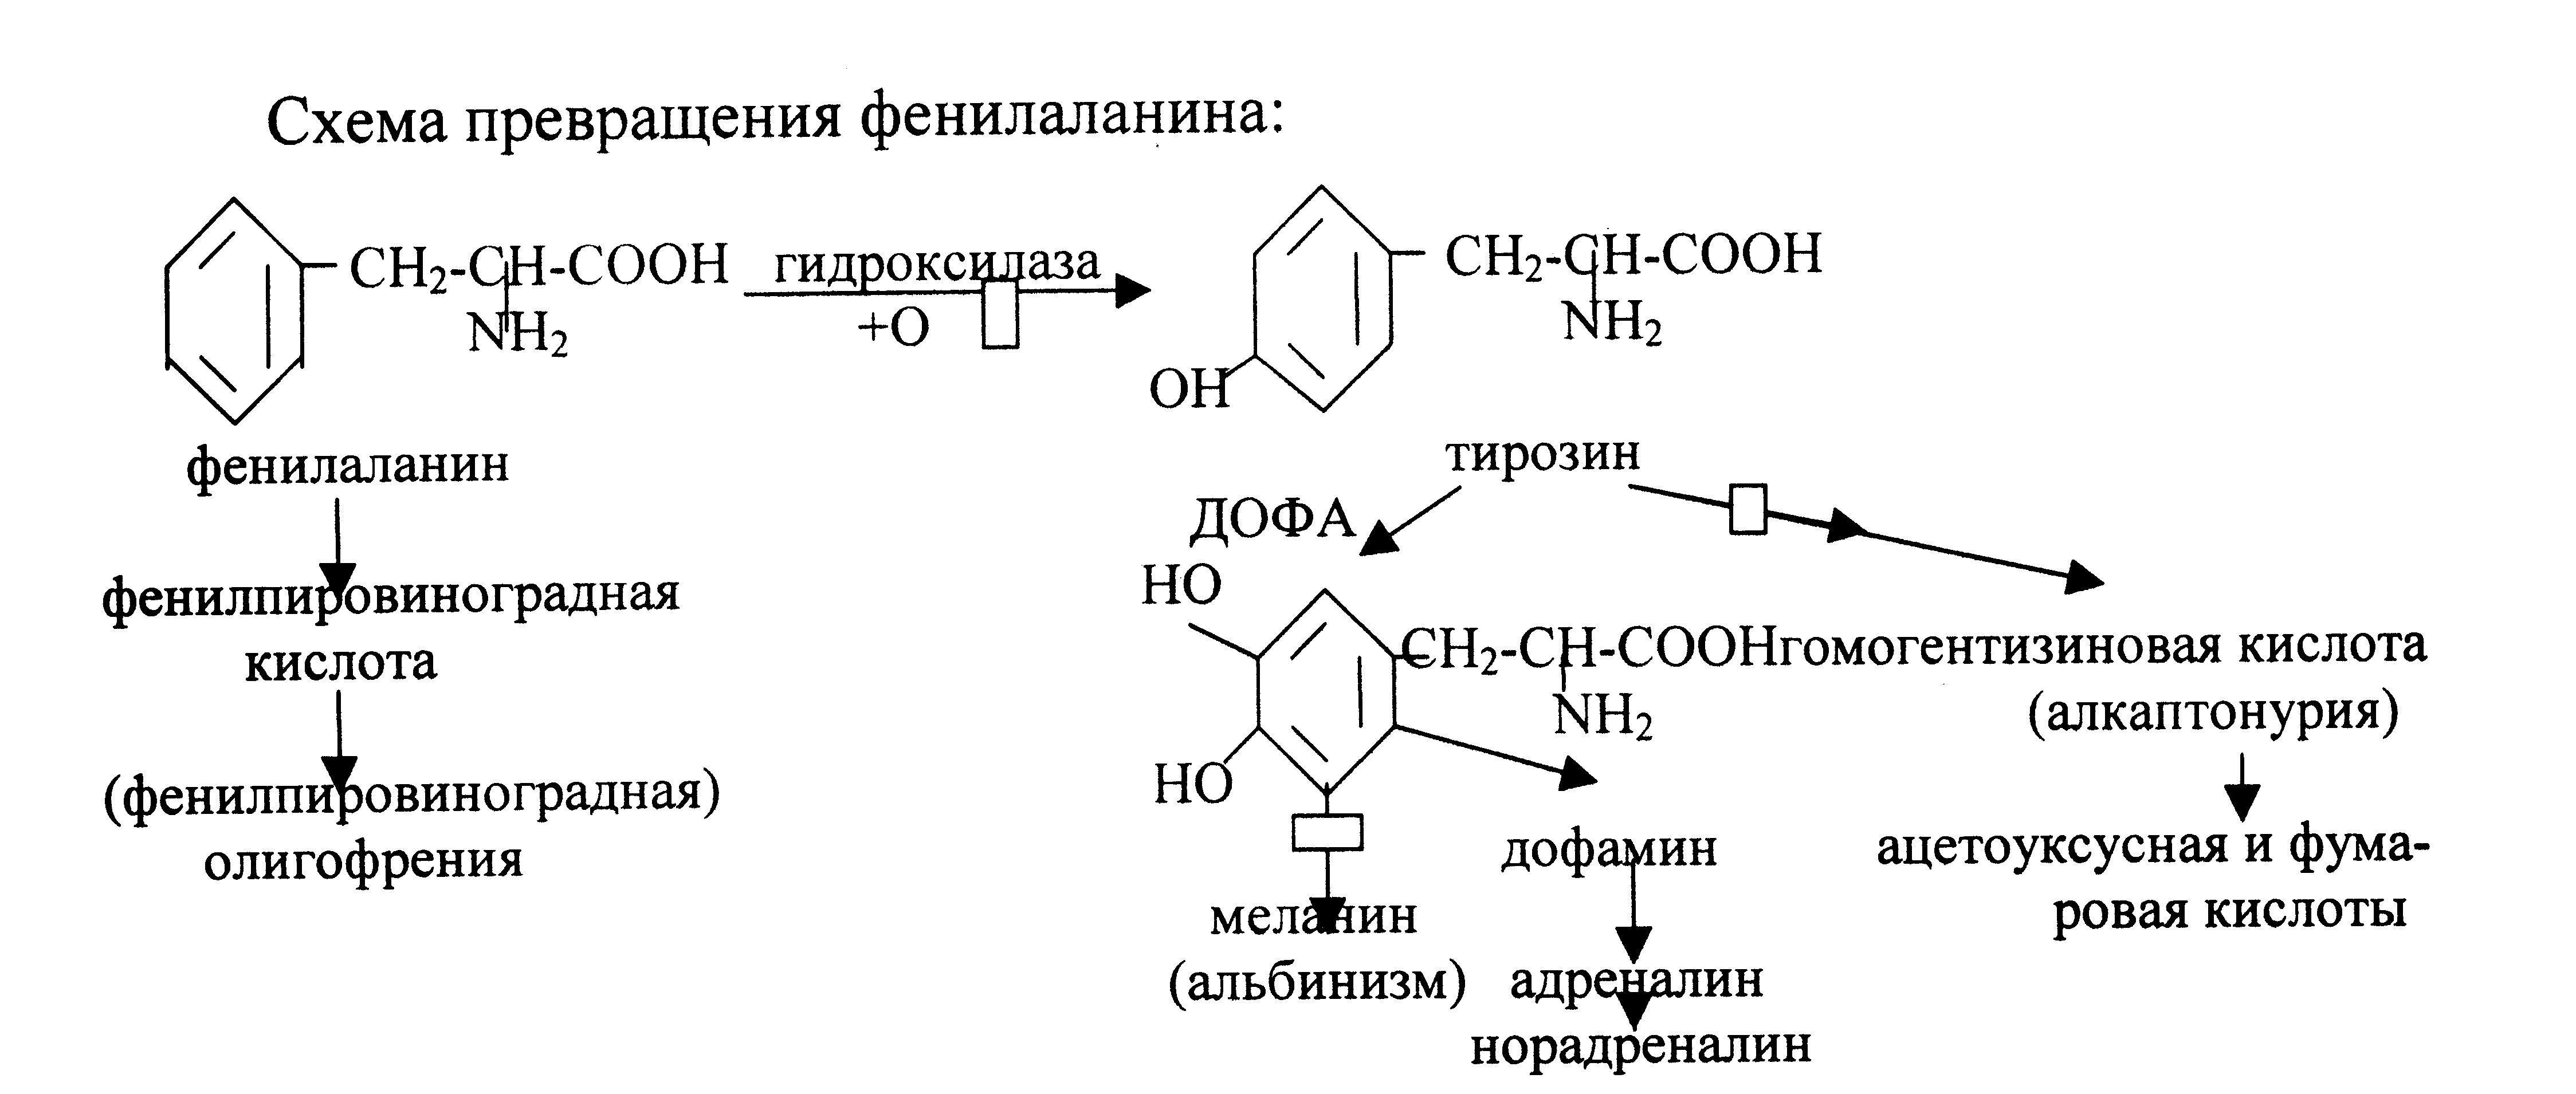 Фенилаланин для негров необходим